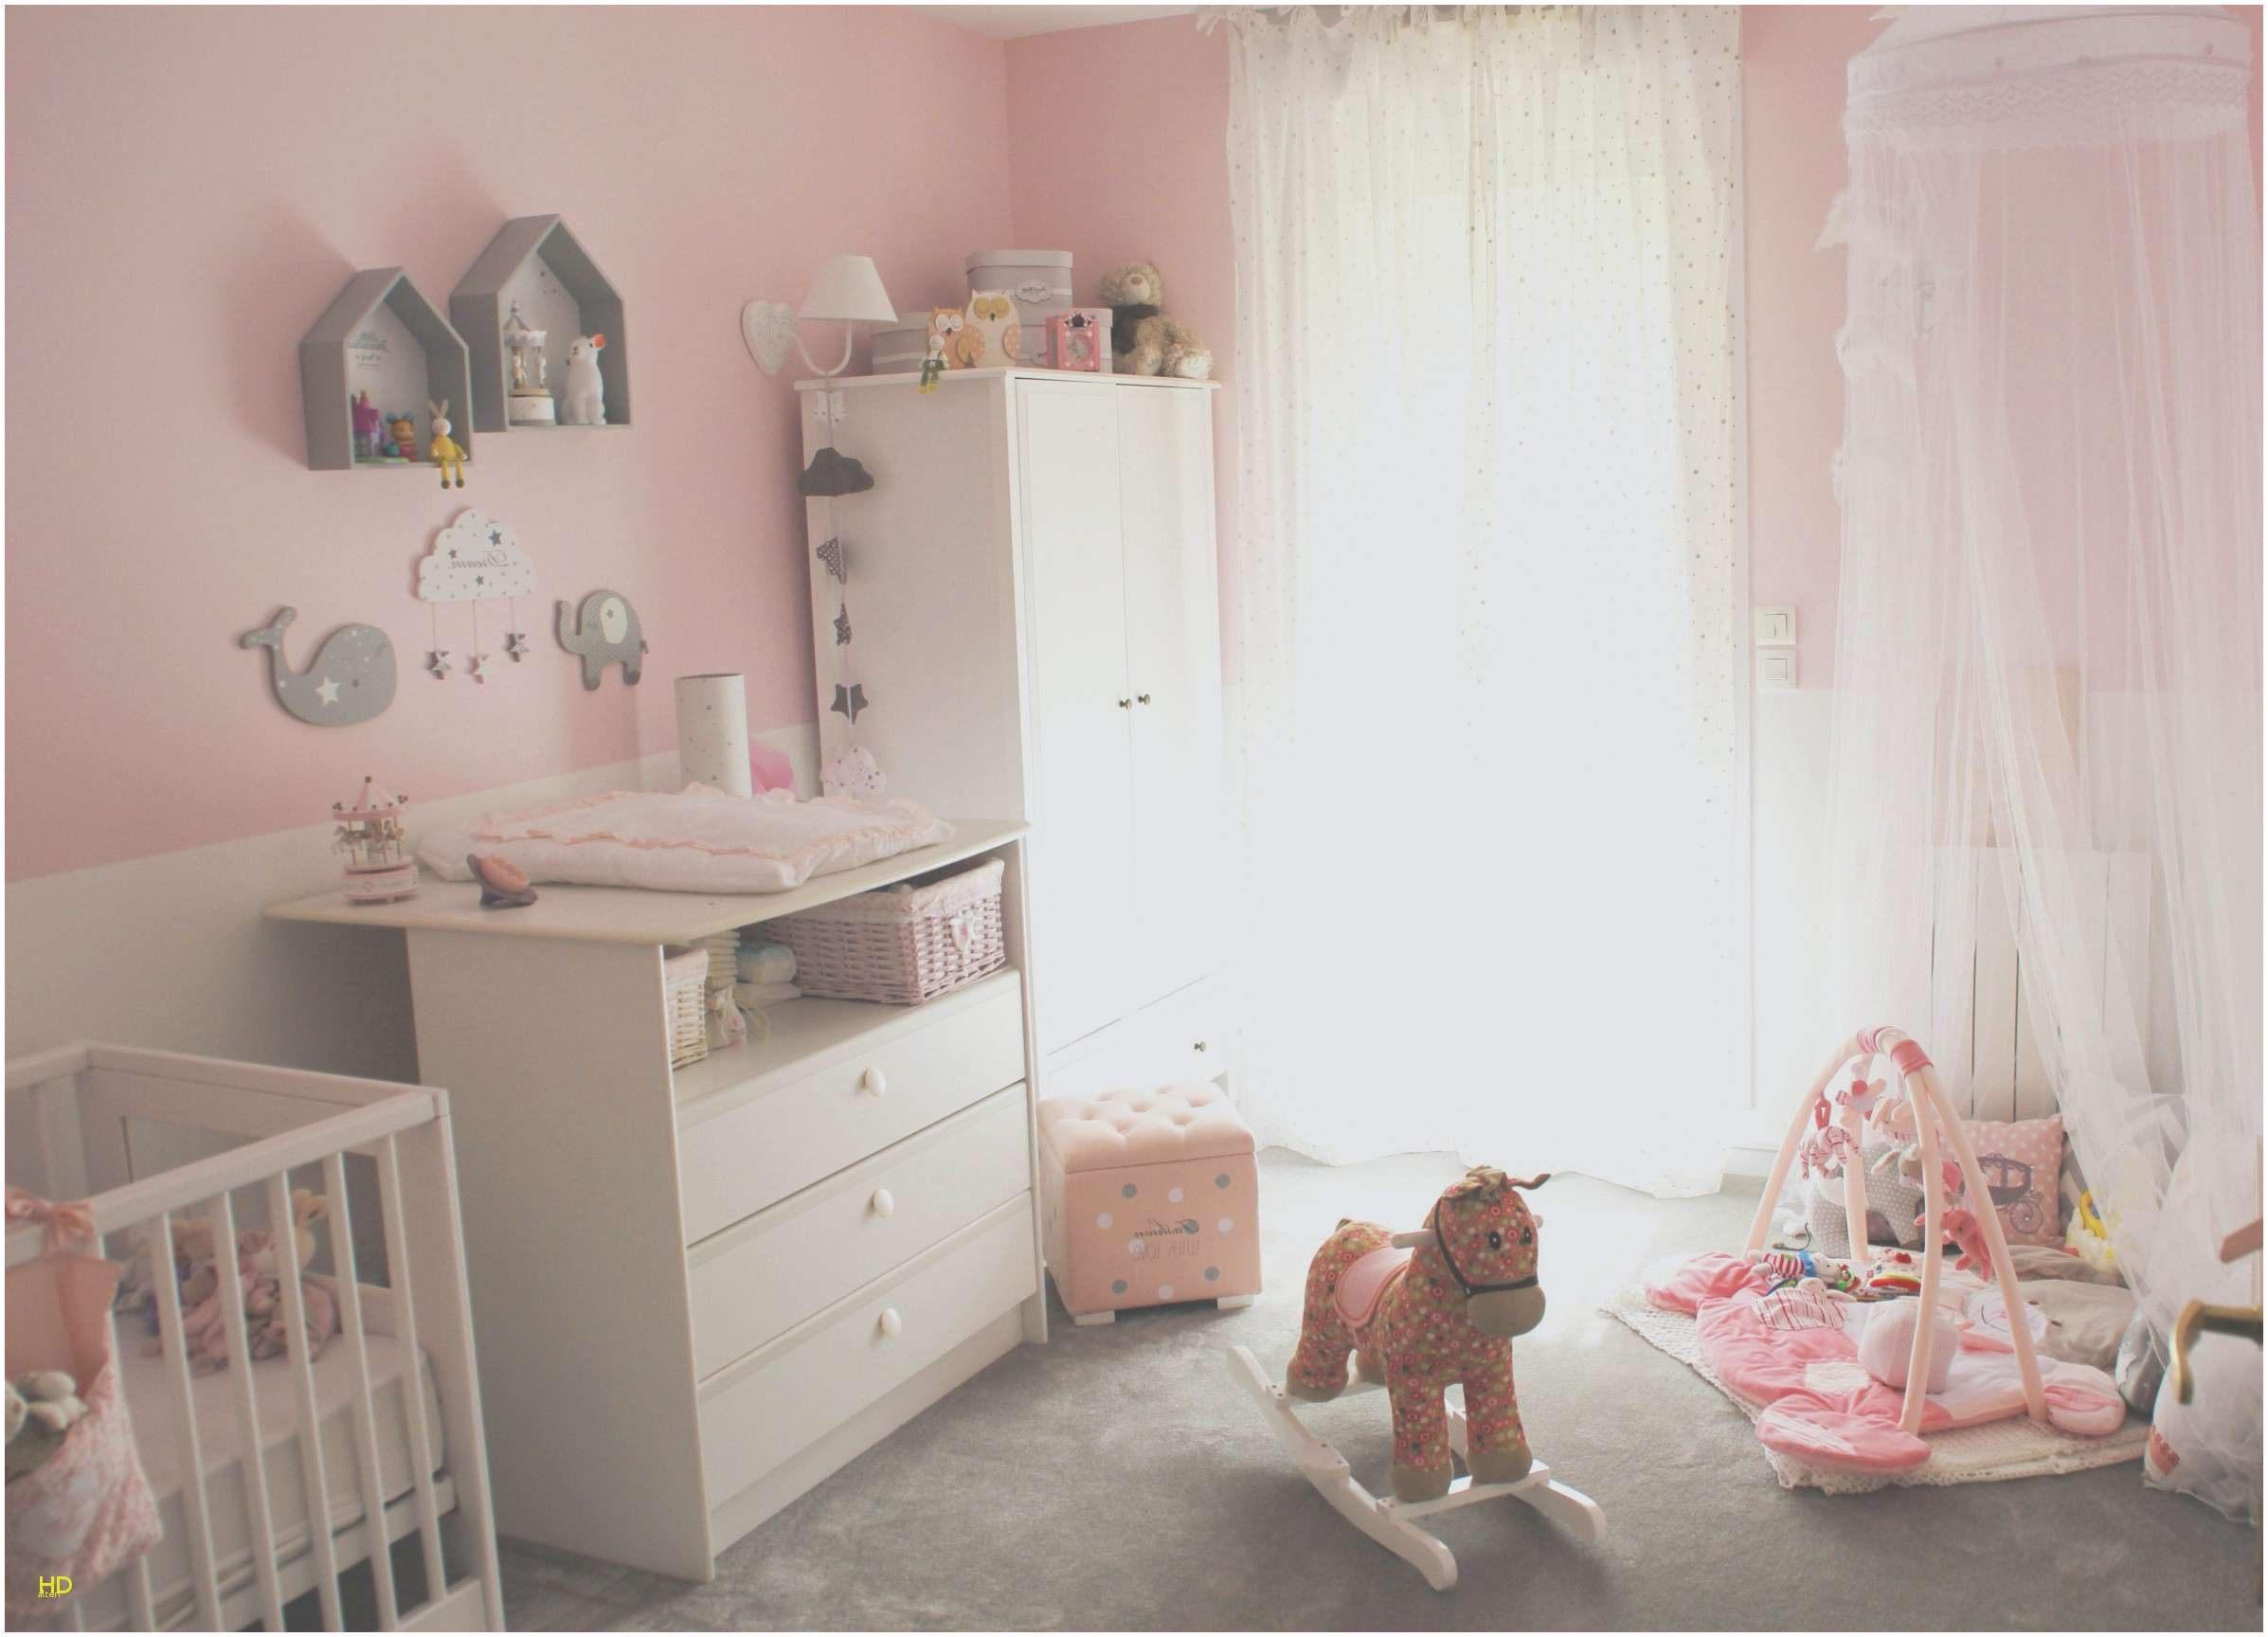 Lit Enfant Dimension Charmant Luxe Chambre Adulte Et Bebe Chambre Bébé Bois Massif Lit Bébé Bois